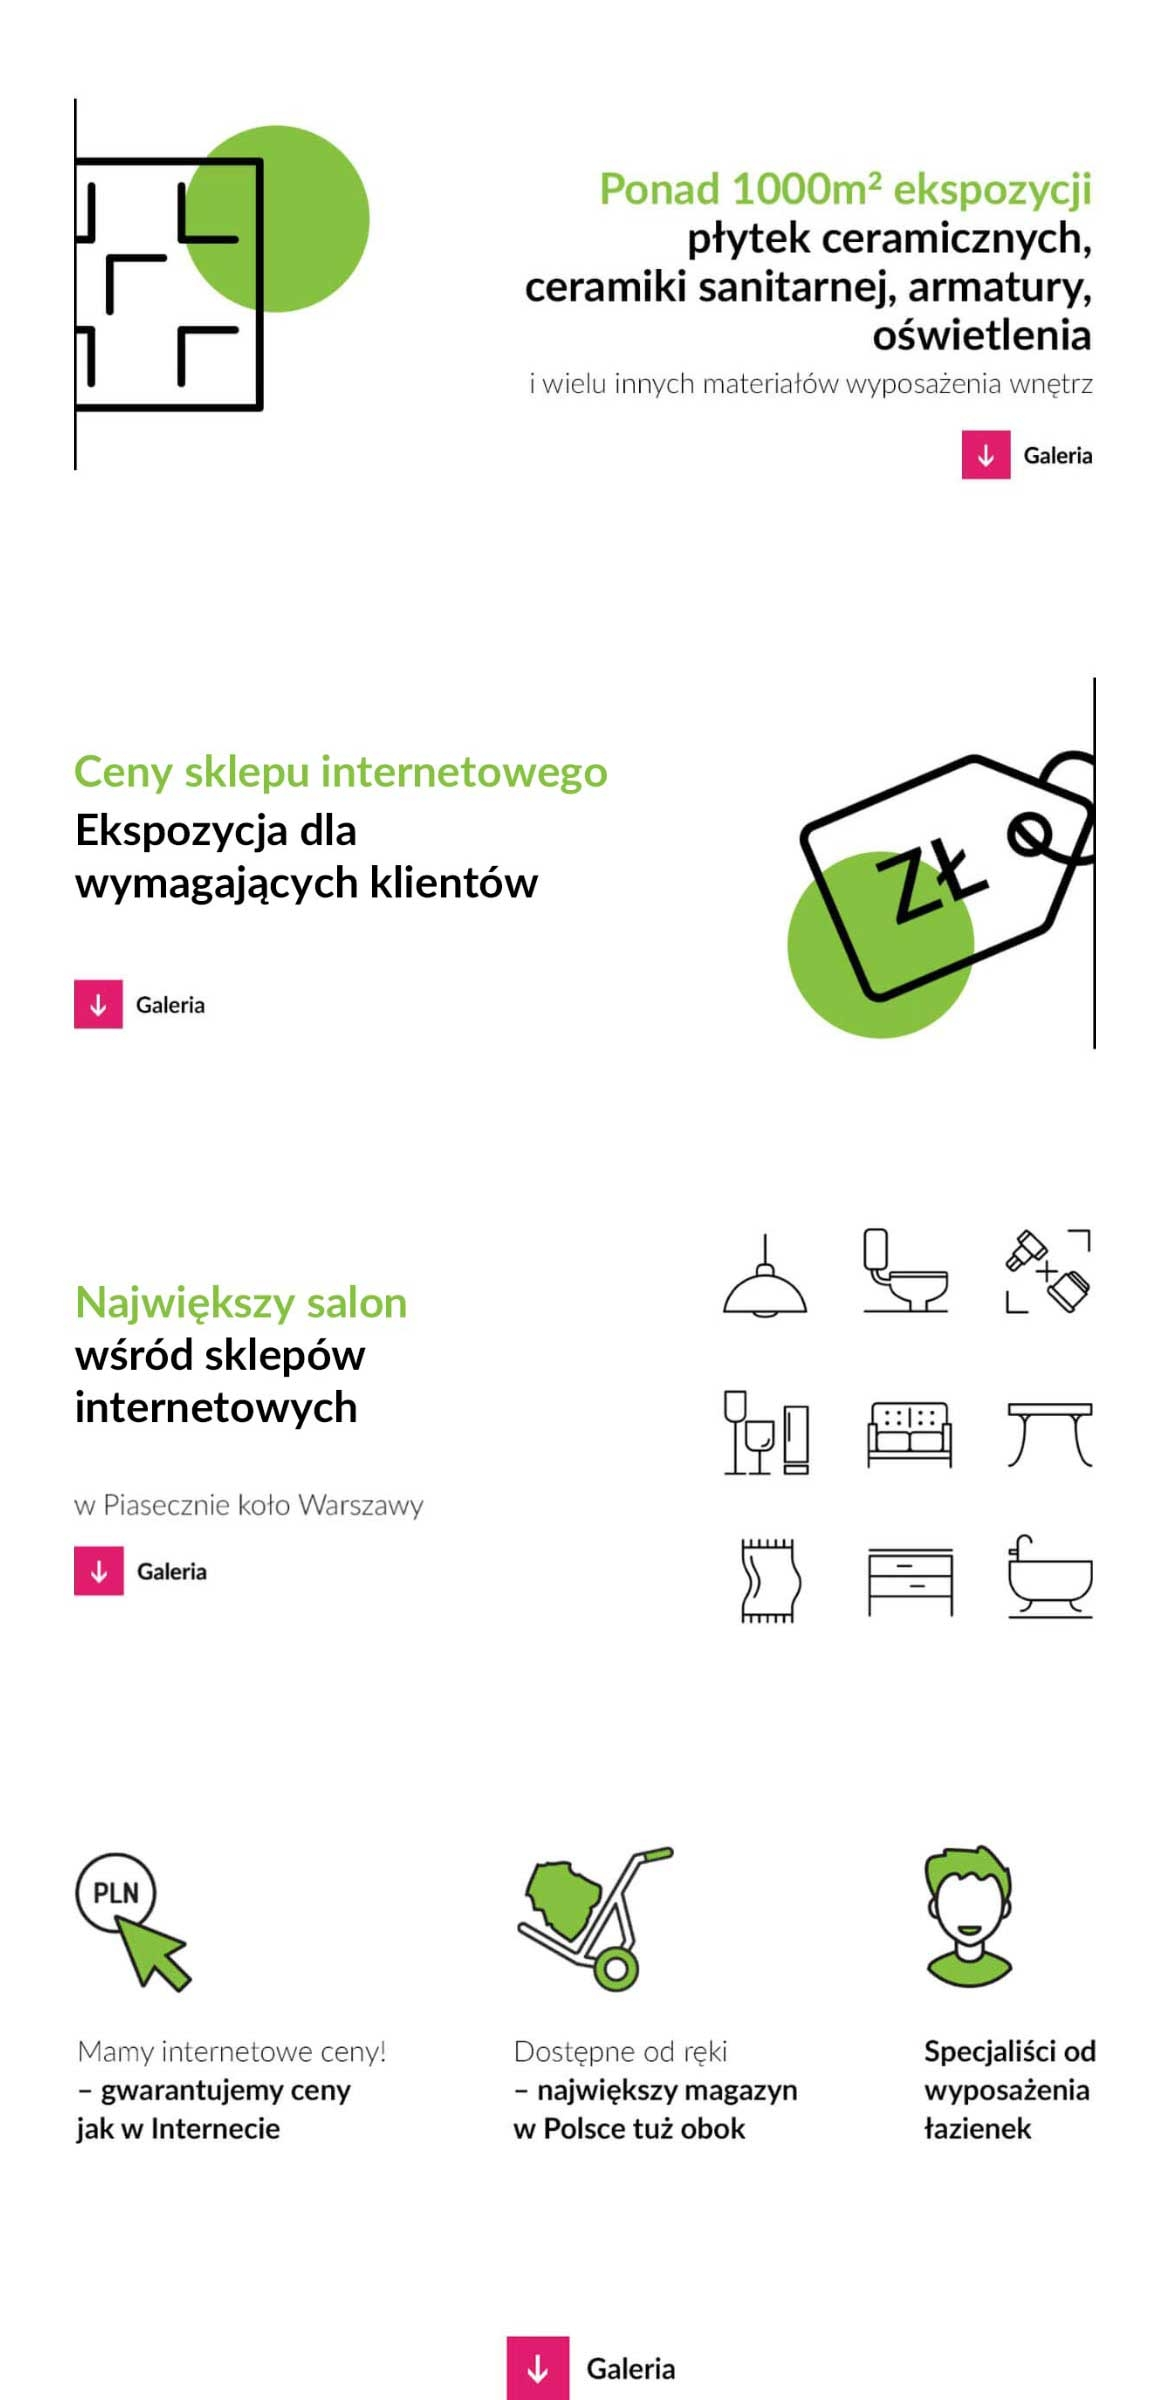 Nasz Salon łazienkowy W Piasecznie Koło Warszawy In360pl